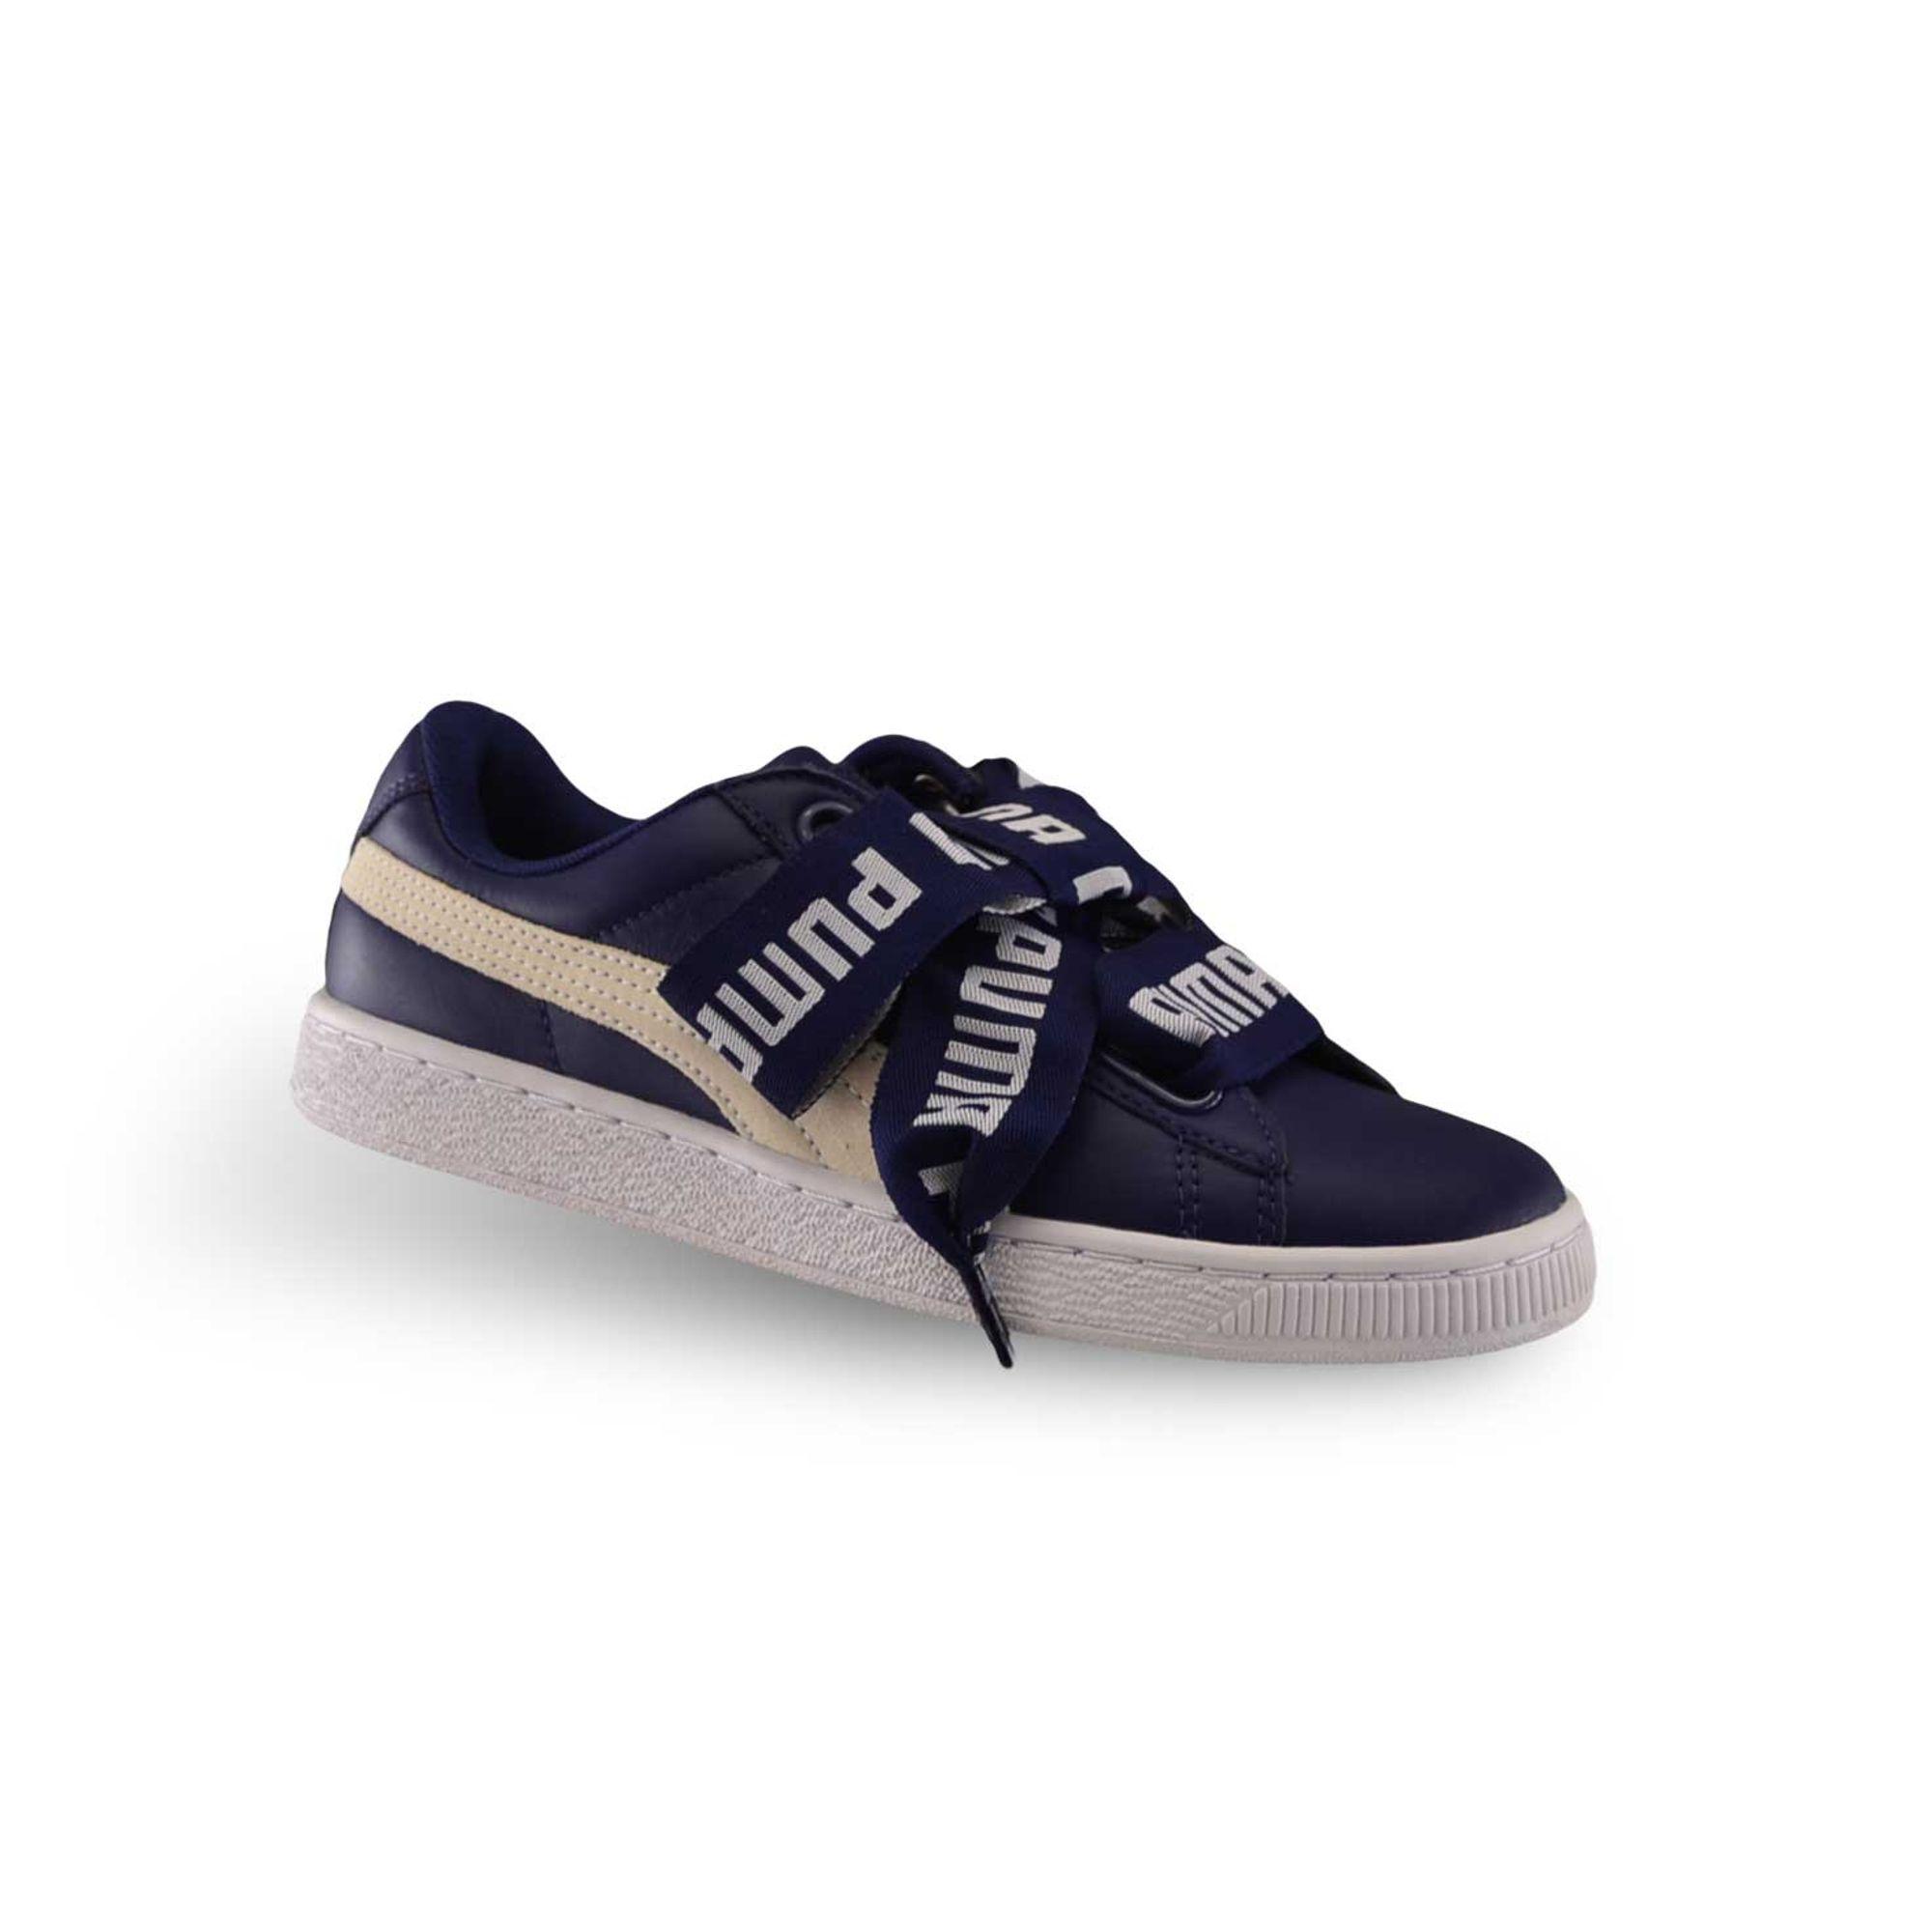 3614f3de0 zapatillas-puma-basket-heart-mujer-1364082- ...